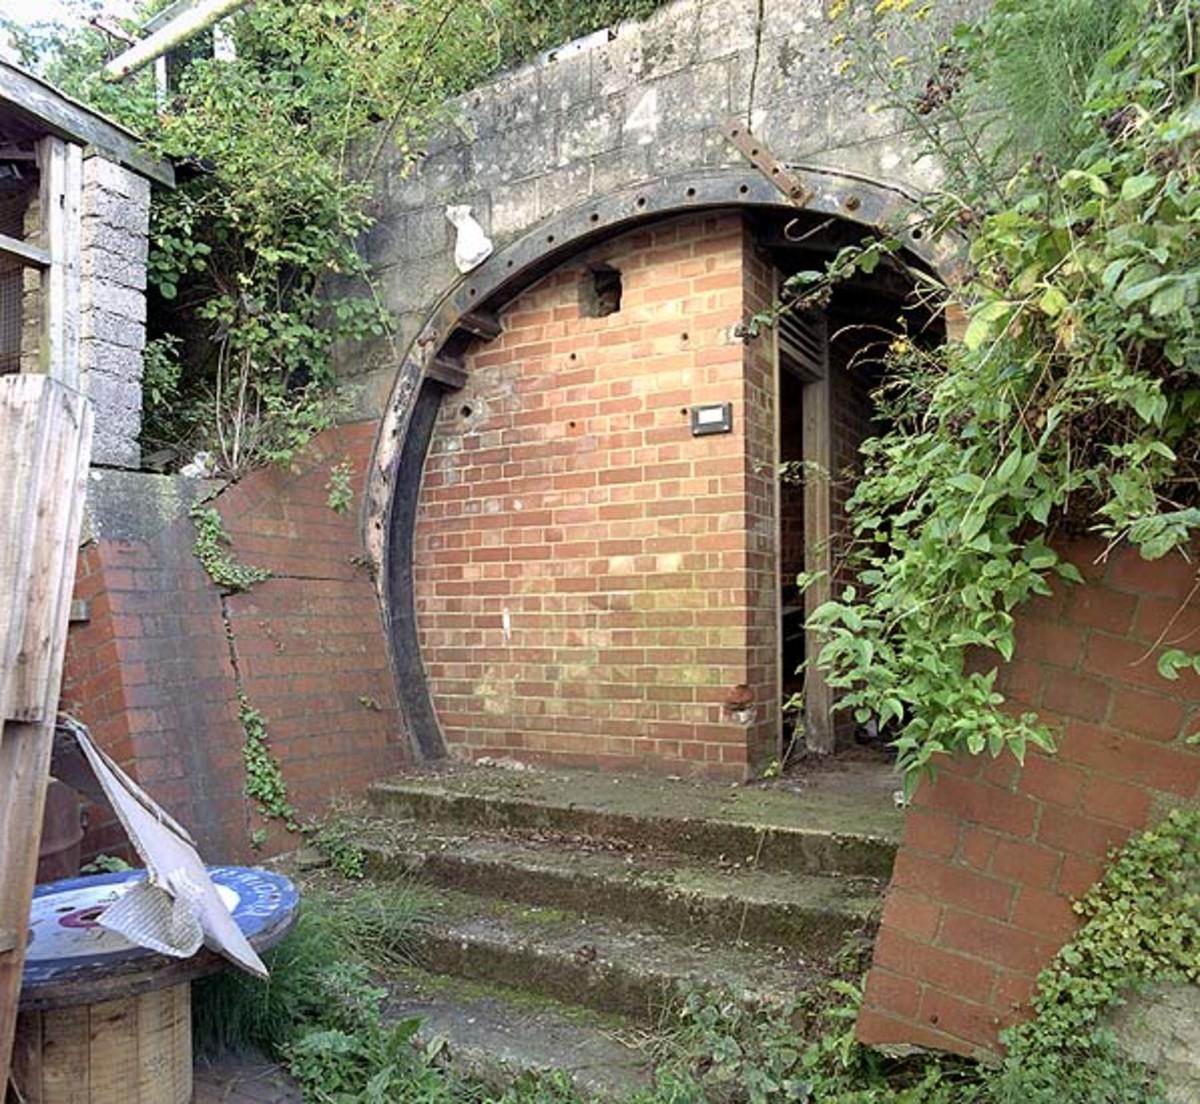 Doorway into an Underground City